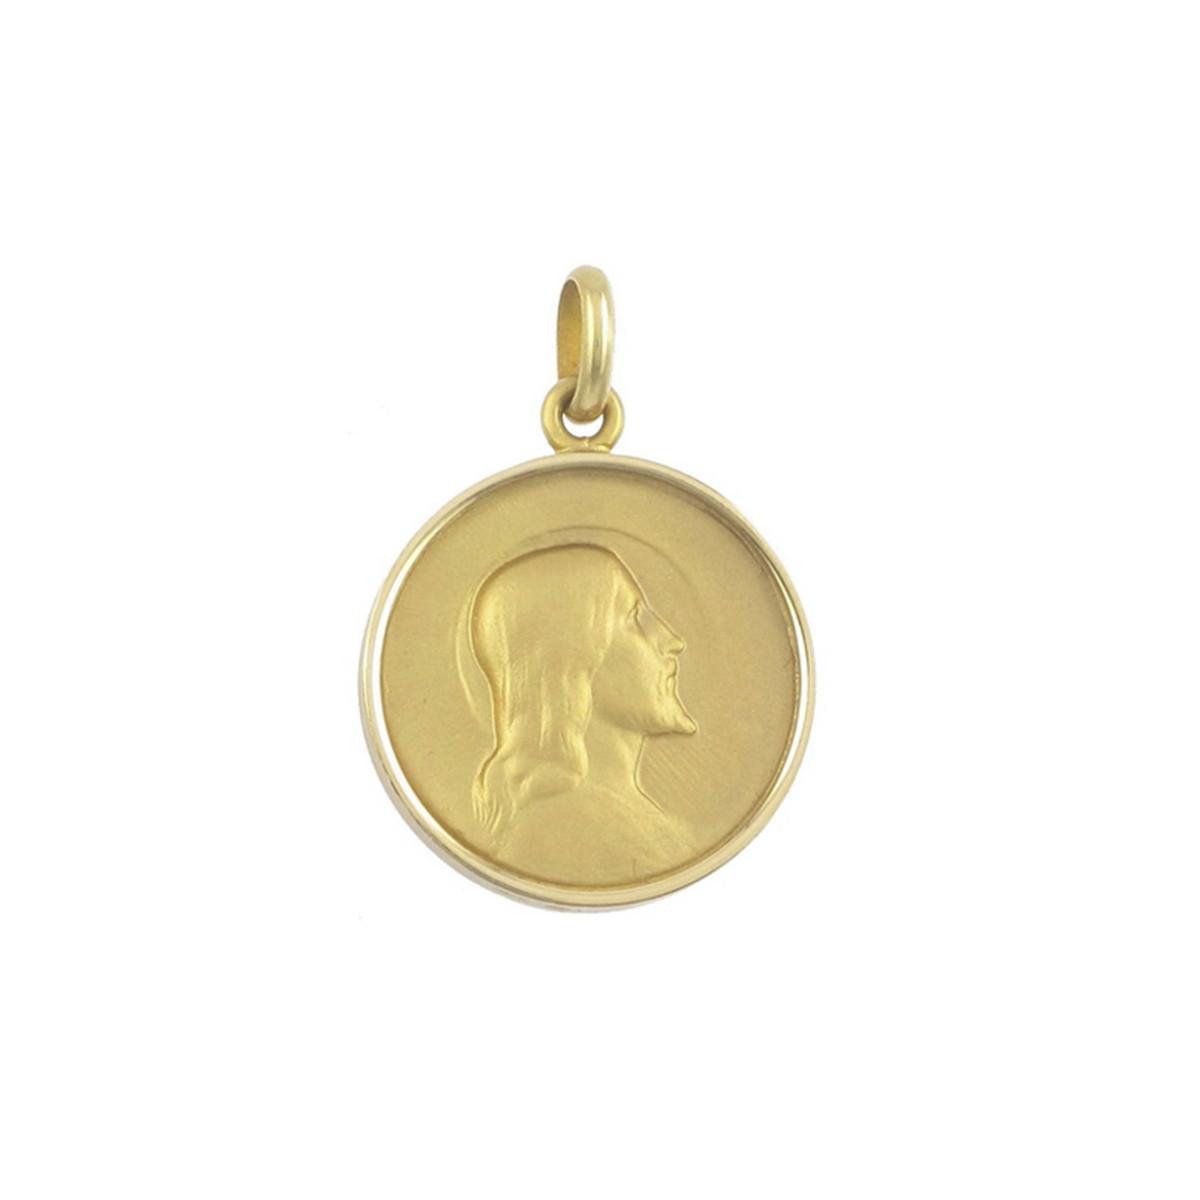 GOLD SCAPULAR 19 MM